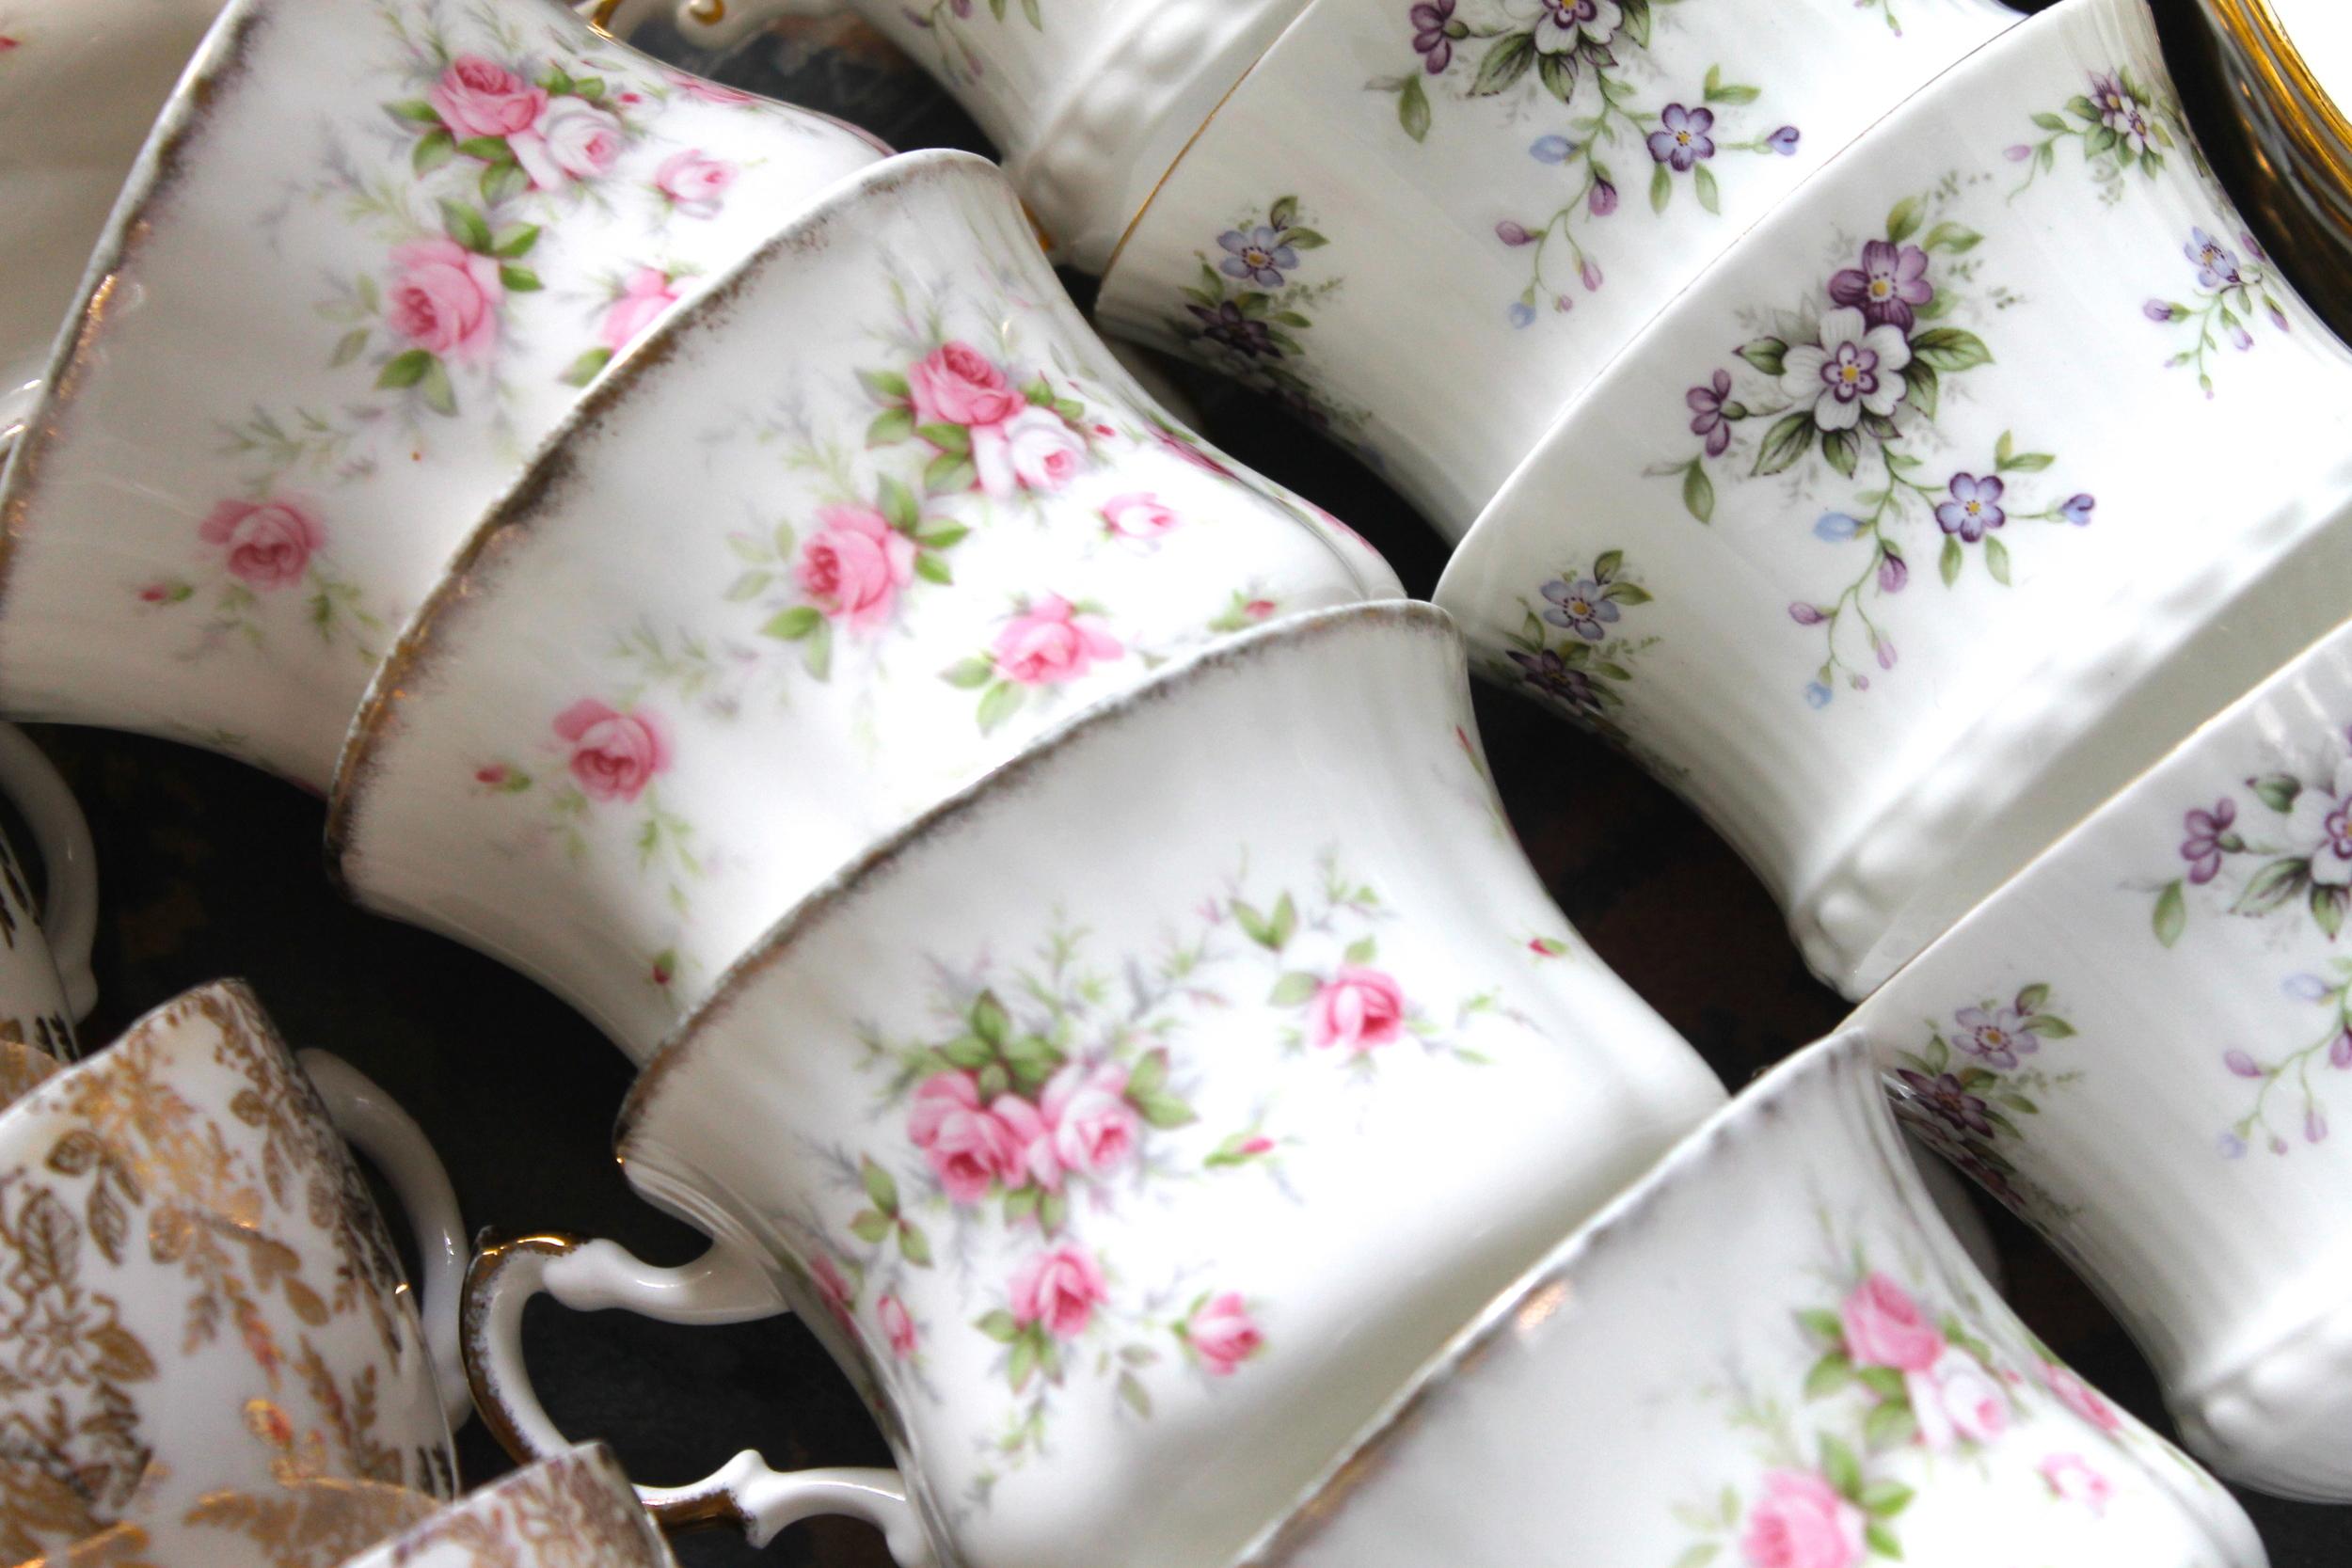 Pearls & Peonies tea cups